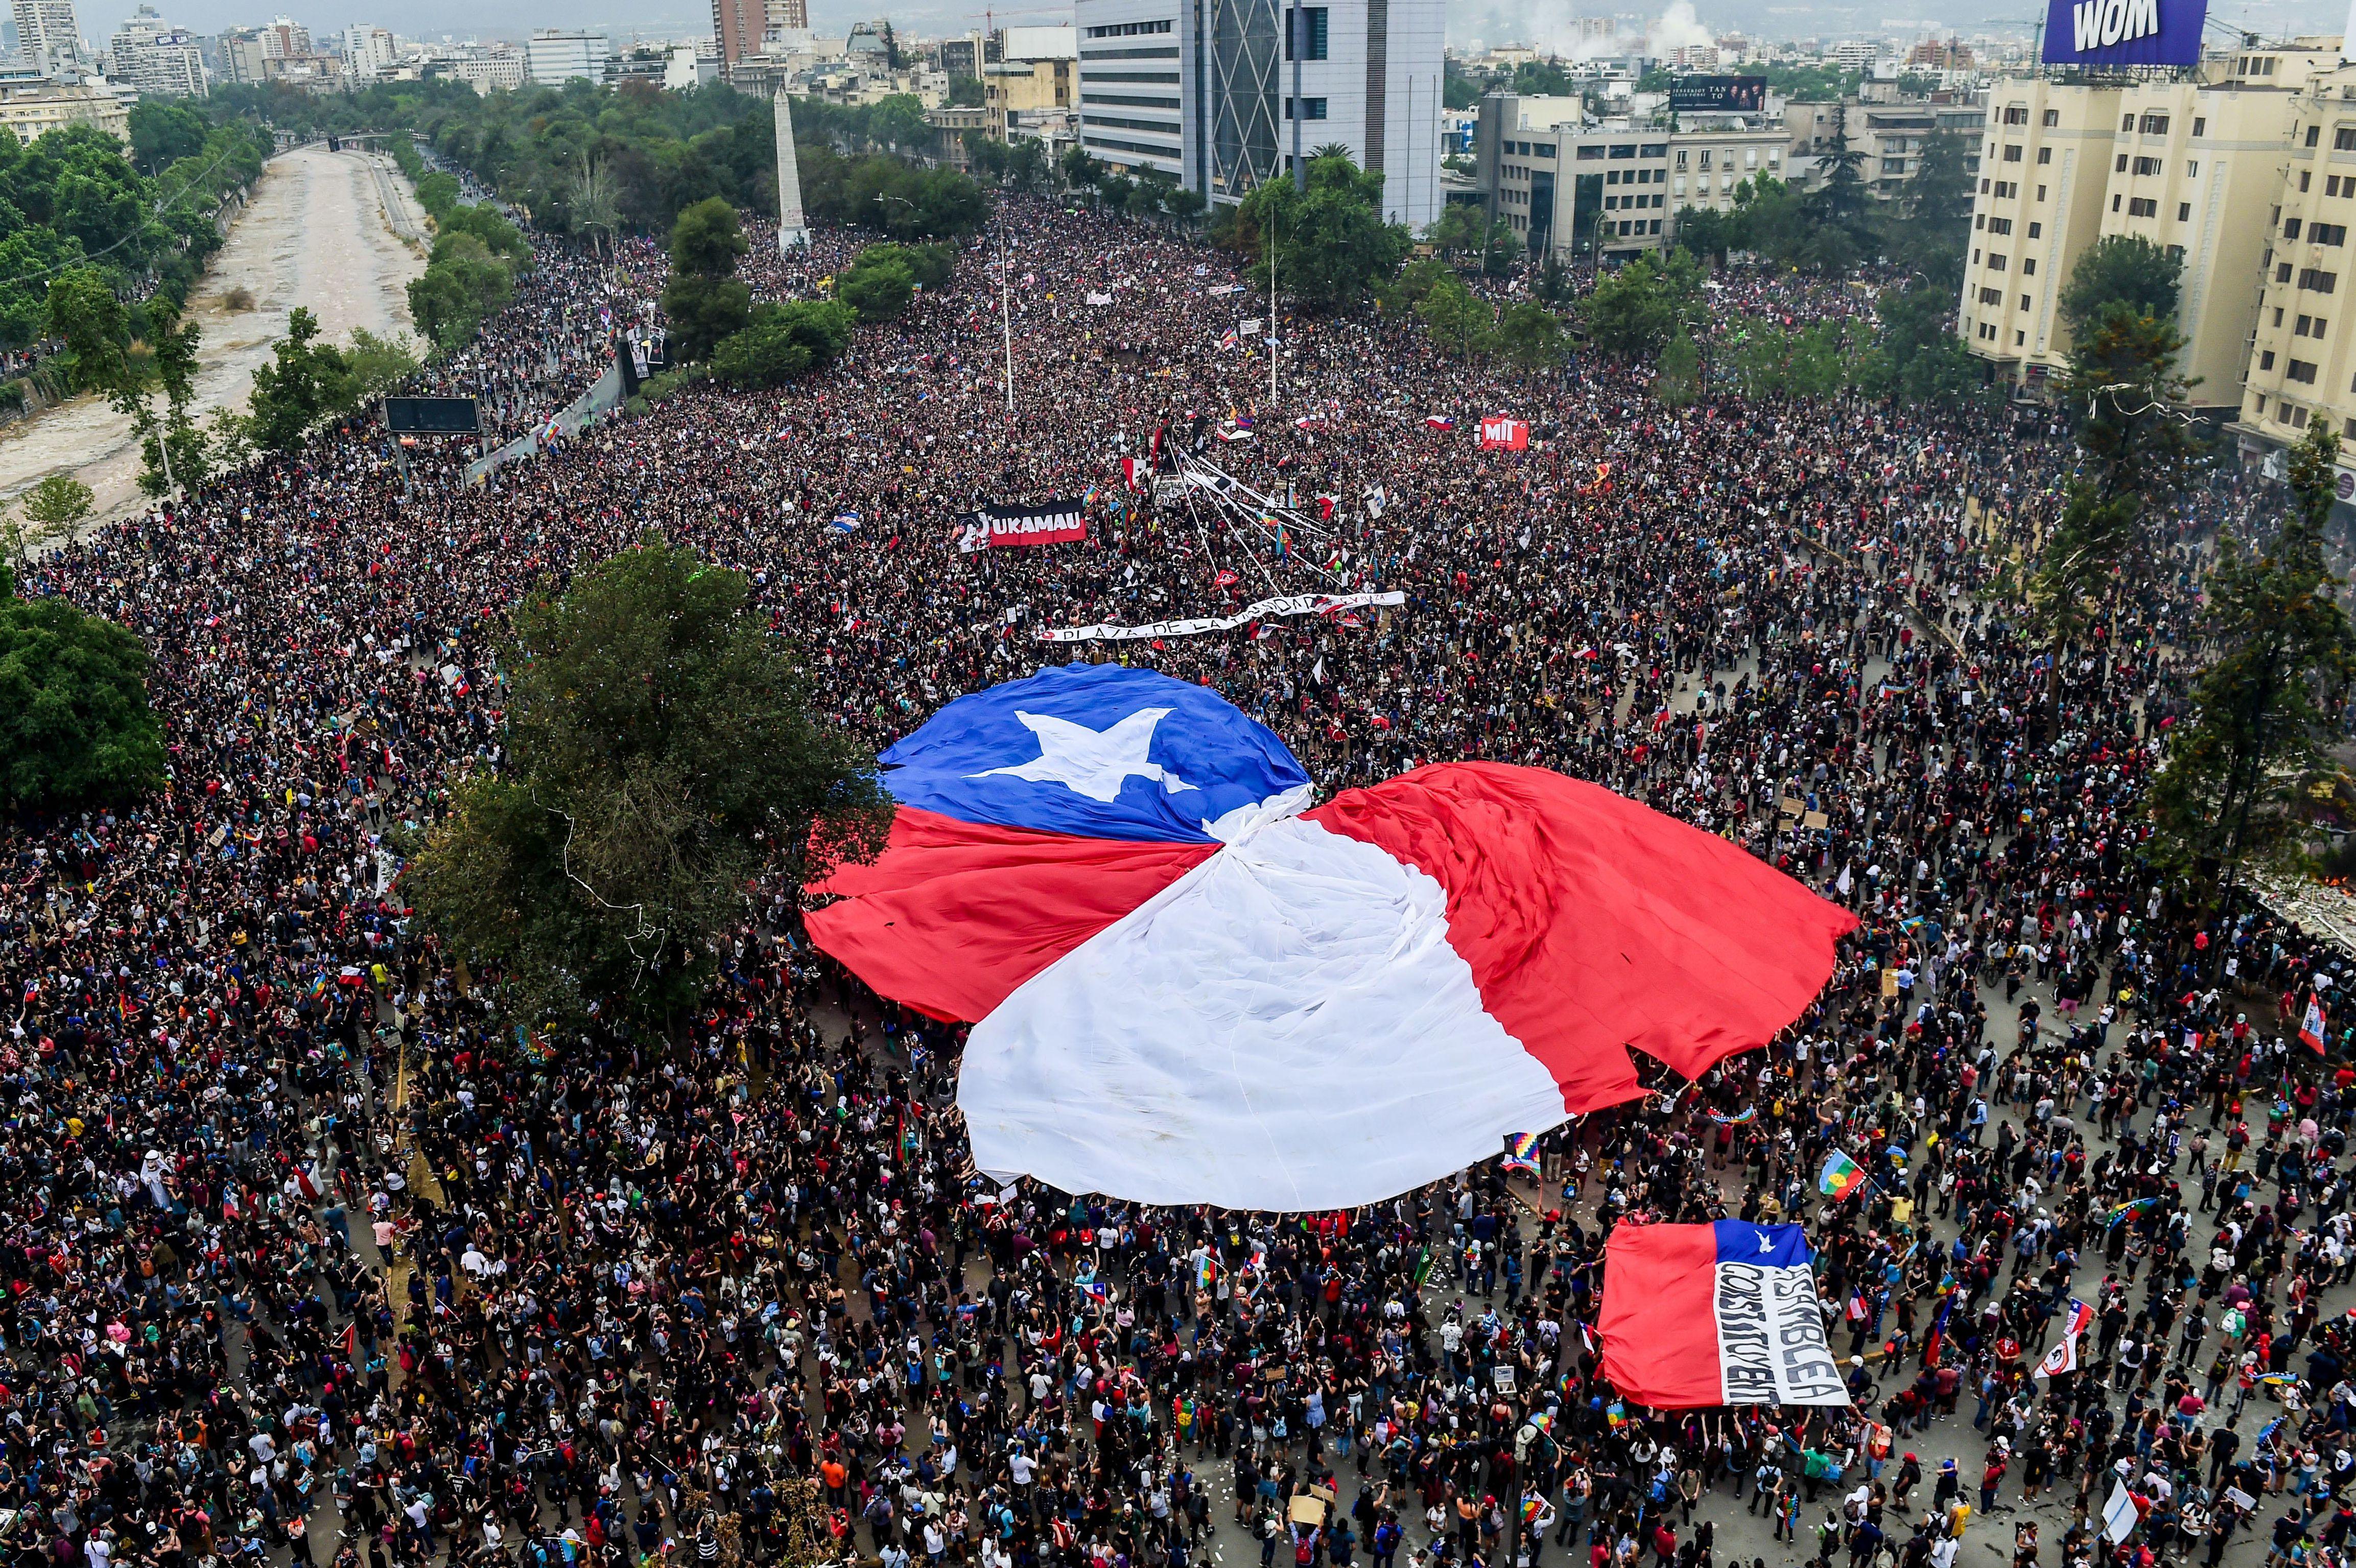 El 8 de noviembre más de un millón de personas salieron a protestar en Santiago. (Photo by MARTIN BERNETTI / AFP)